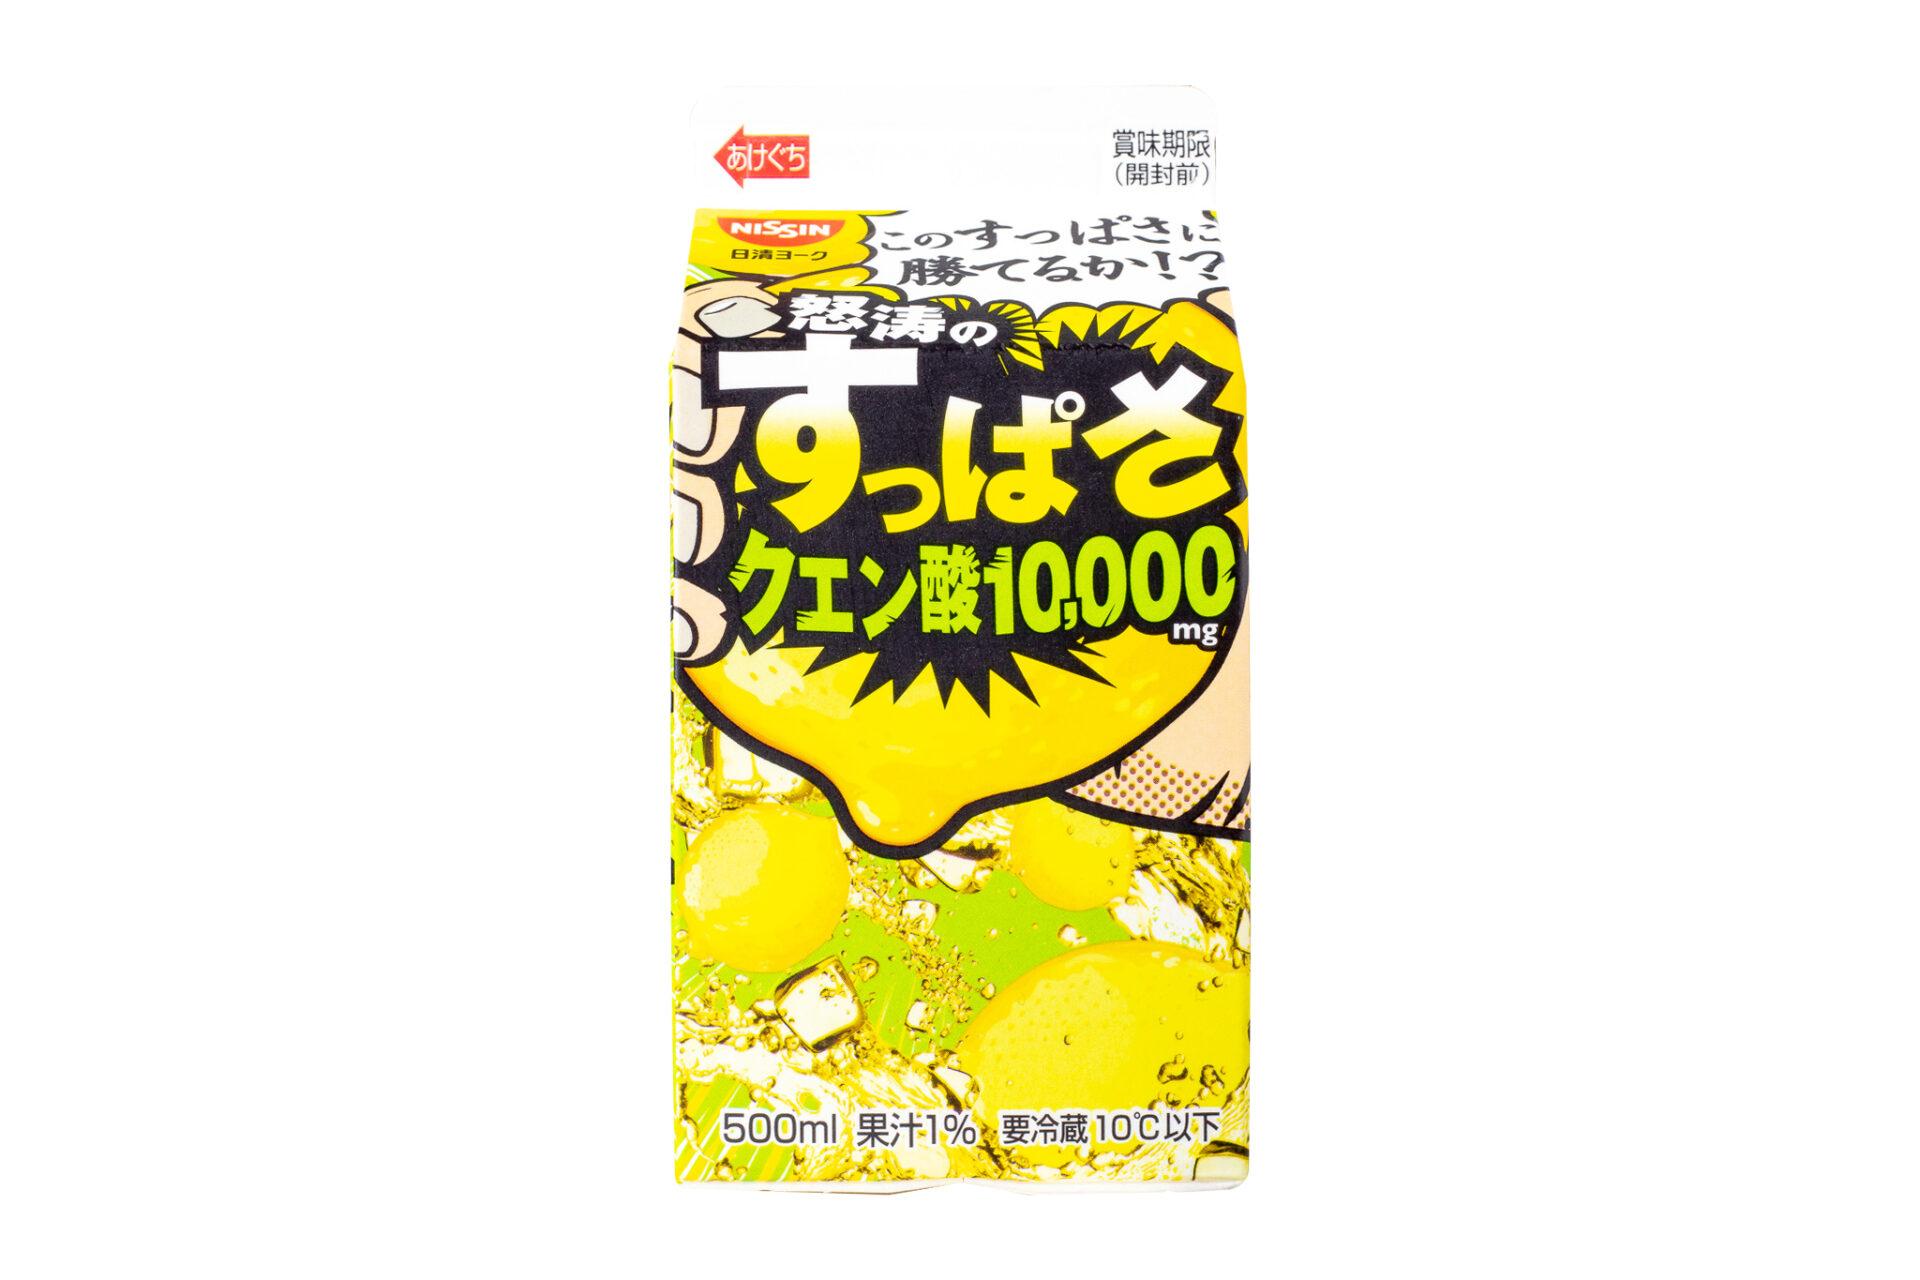 日清ヨーク『怒涛のすっぱさクエン酸 10,000mg 500ml』